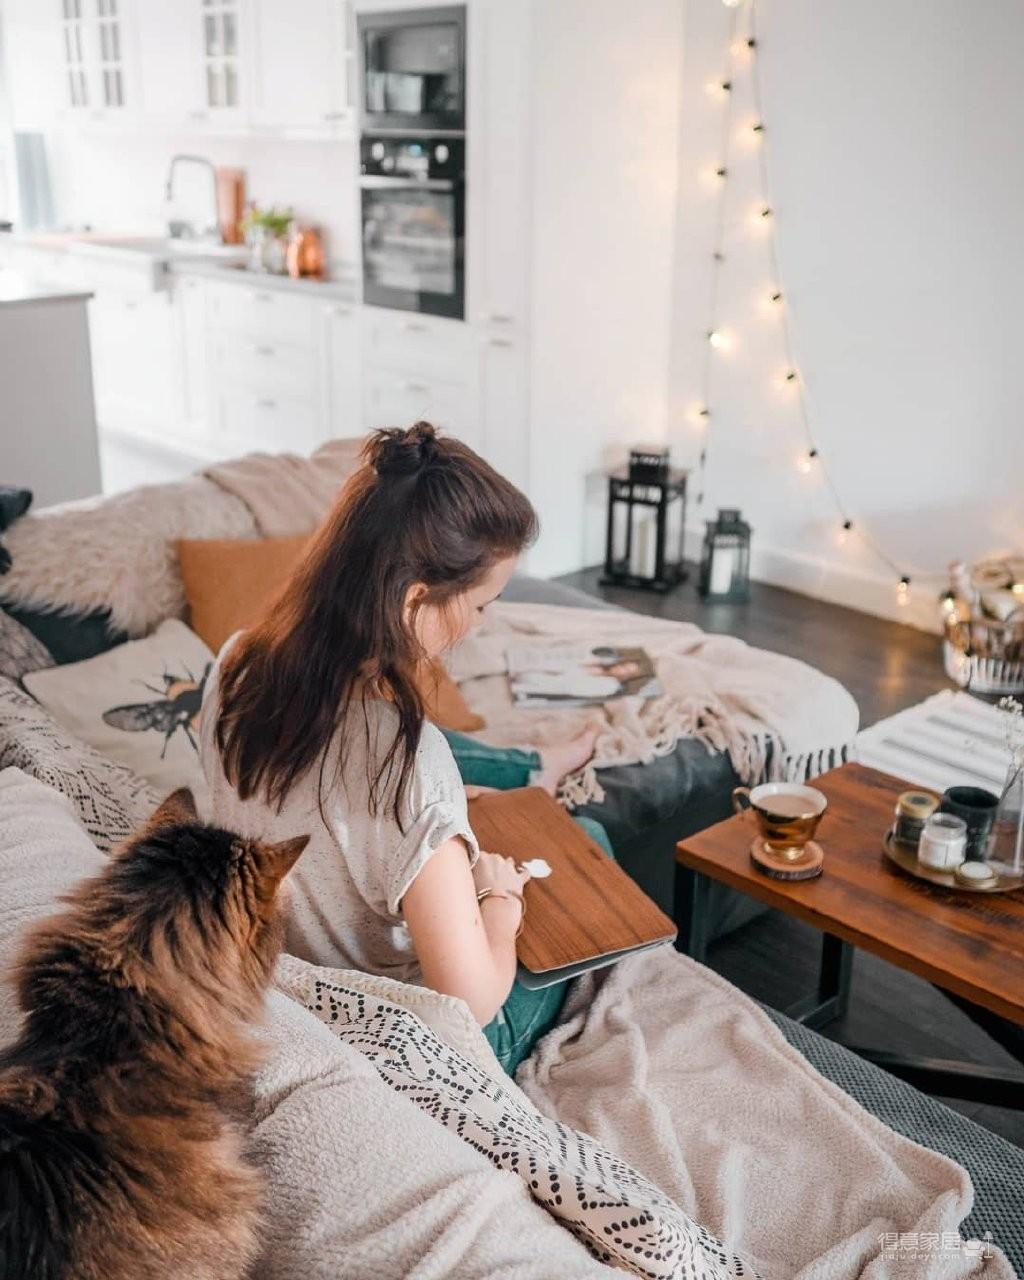 理想的生活:一人一猫一屋